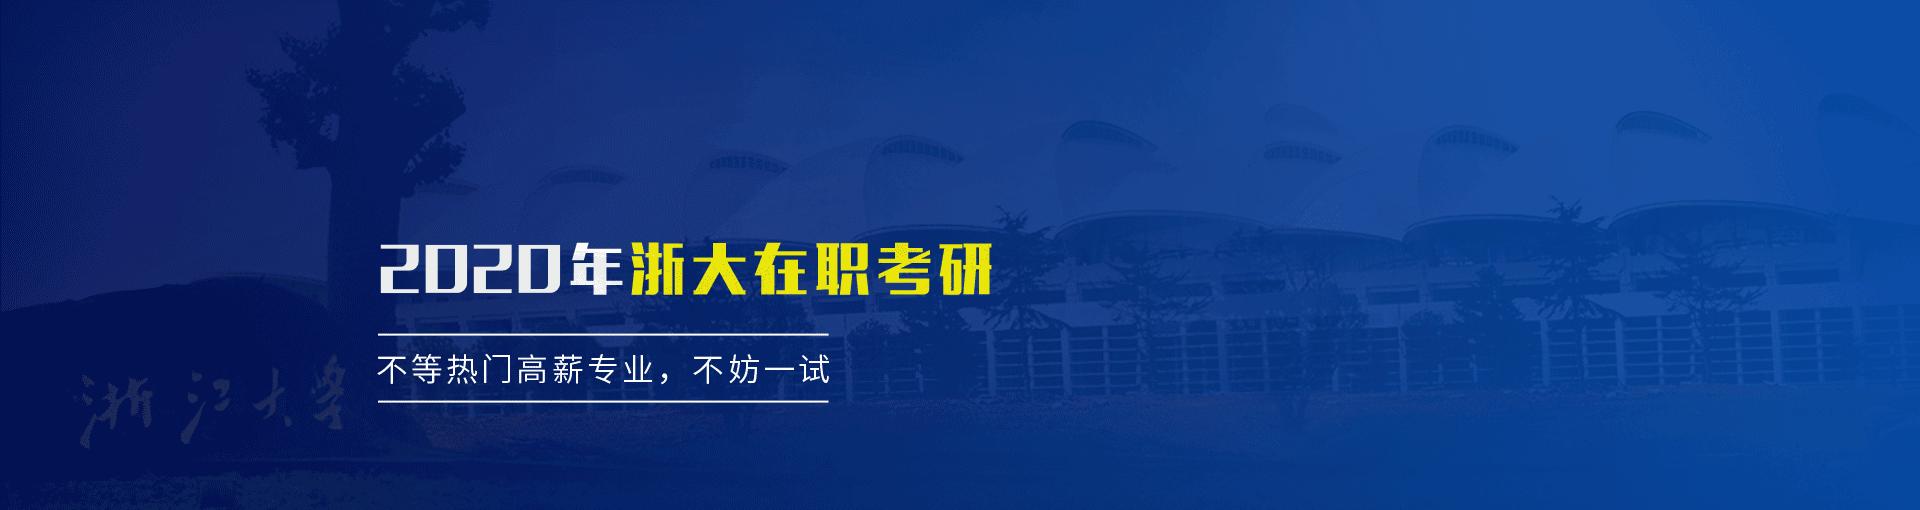 报考必读:2019年浙江大学在职研究生招生专业有哪些?